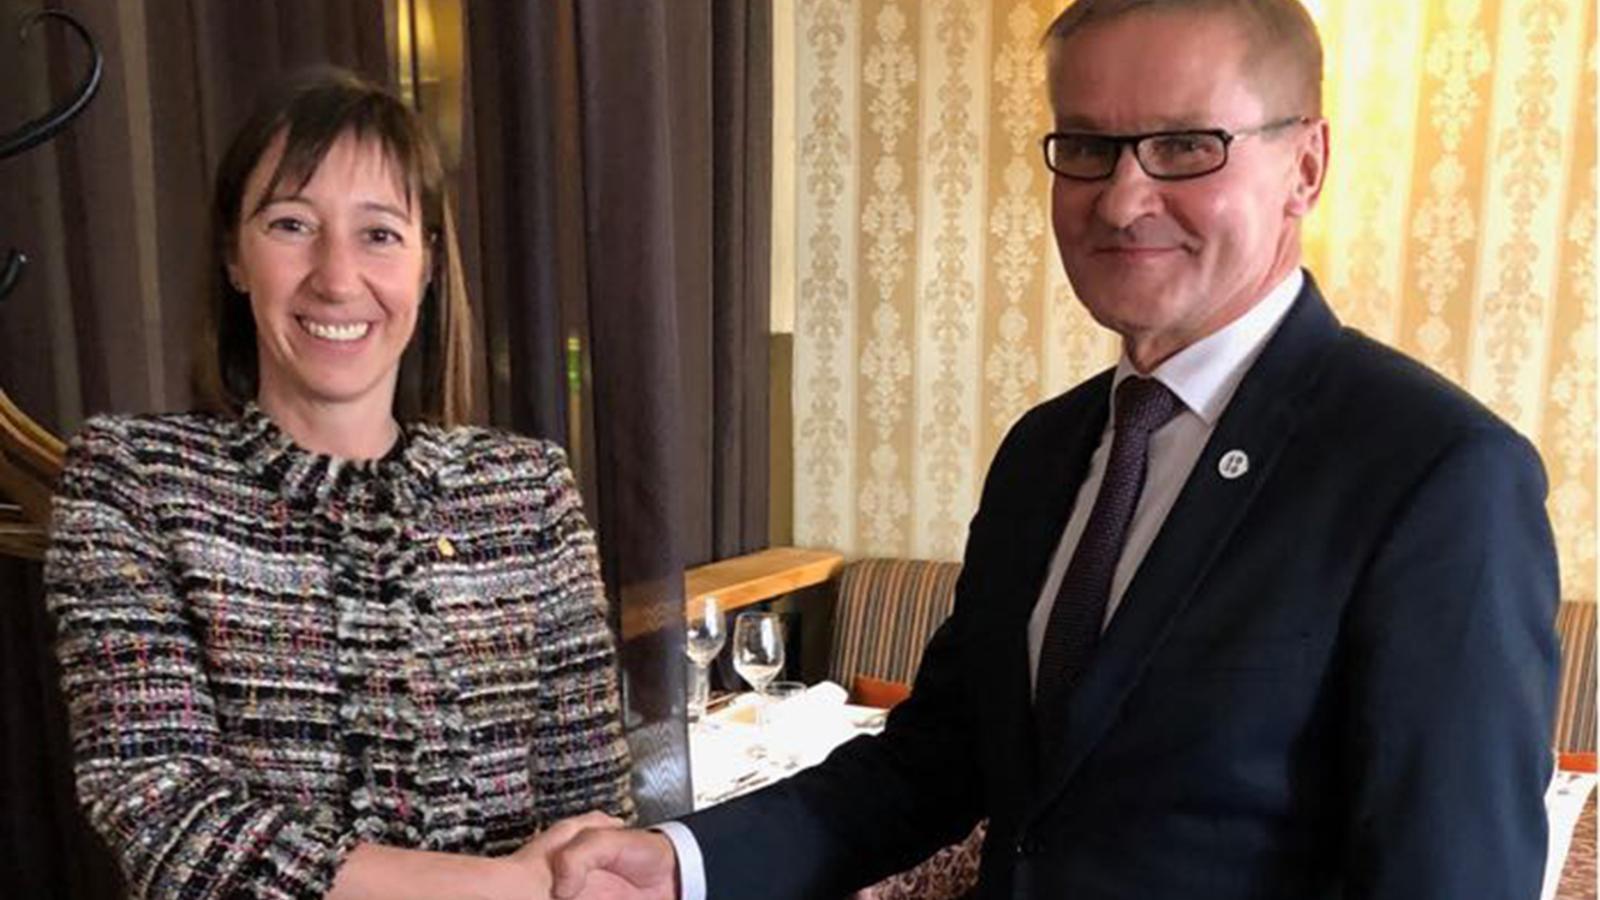 La ministra de Funció Pública i Reforma de l'Administració, Eva Descarrega, amb el seu homòleg d'Estònia, Jaak Aab. / SFG